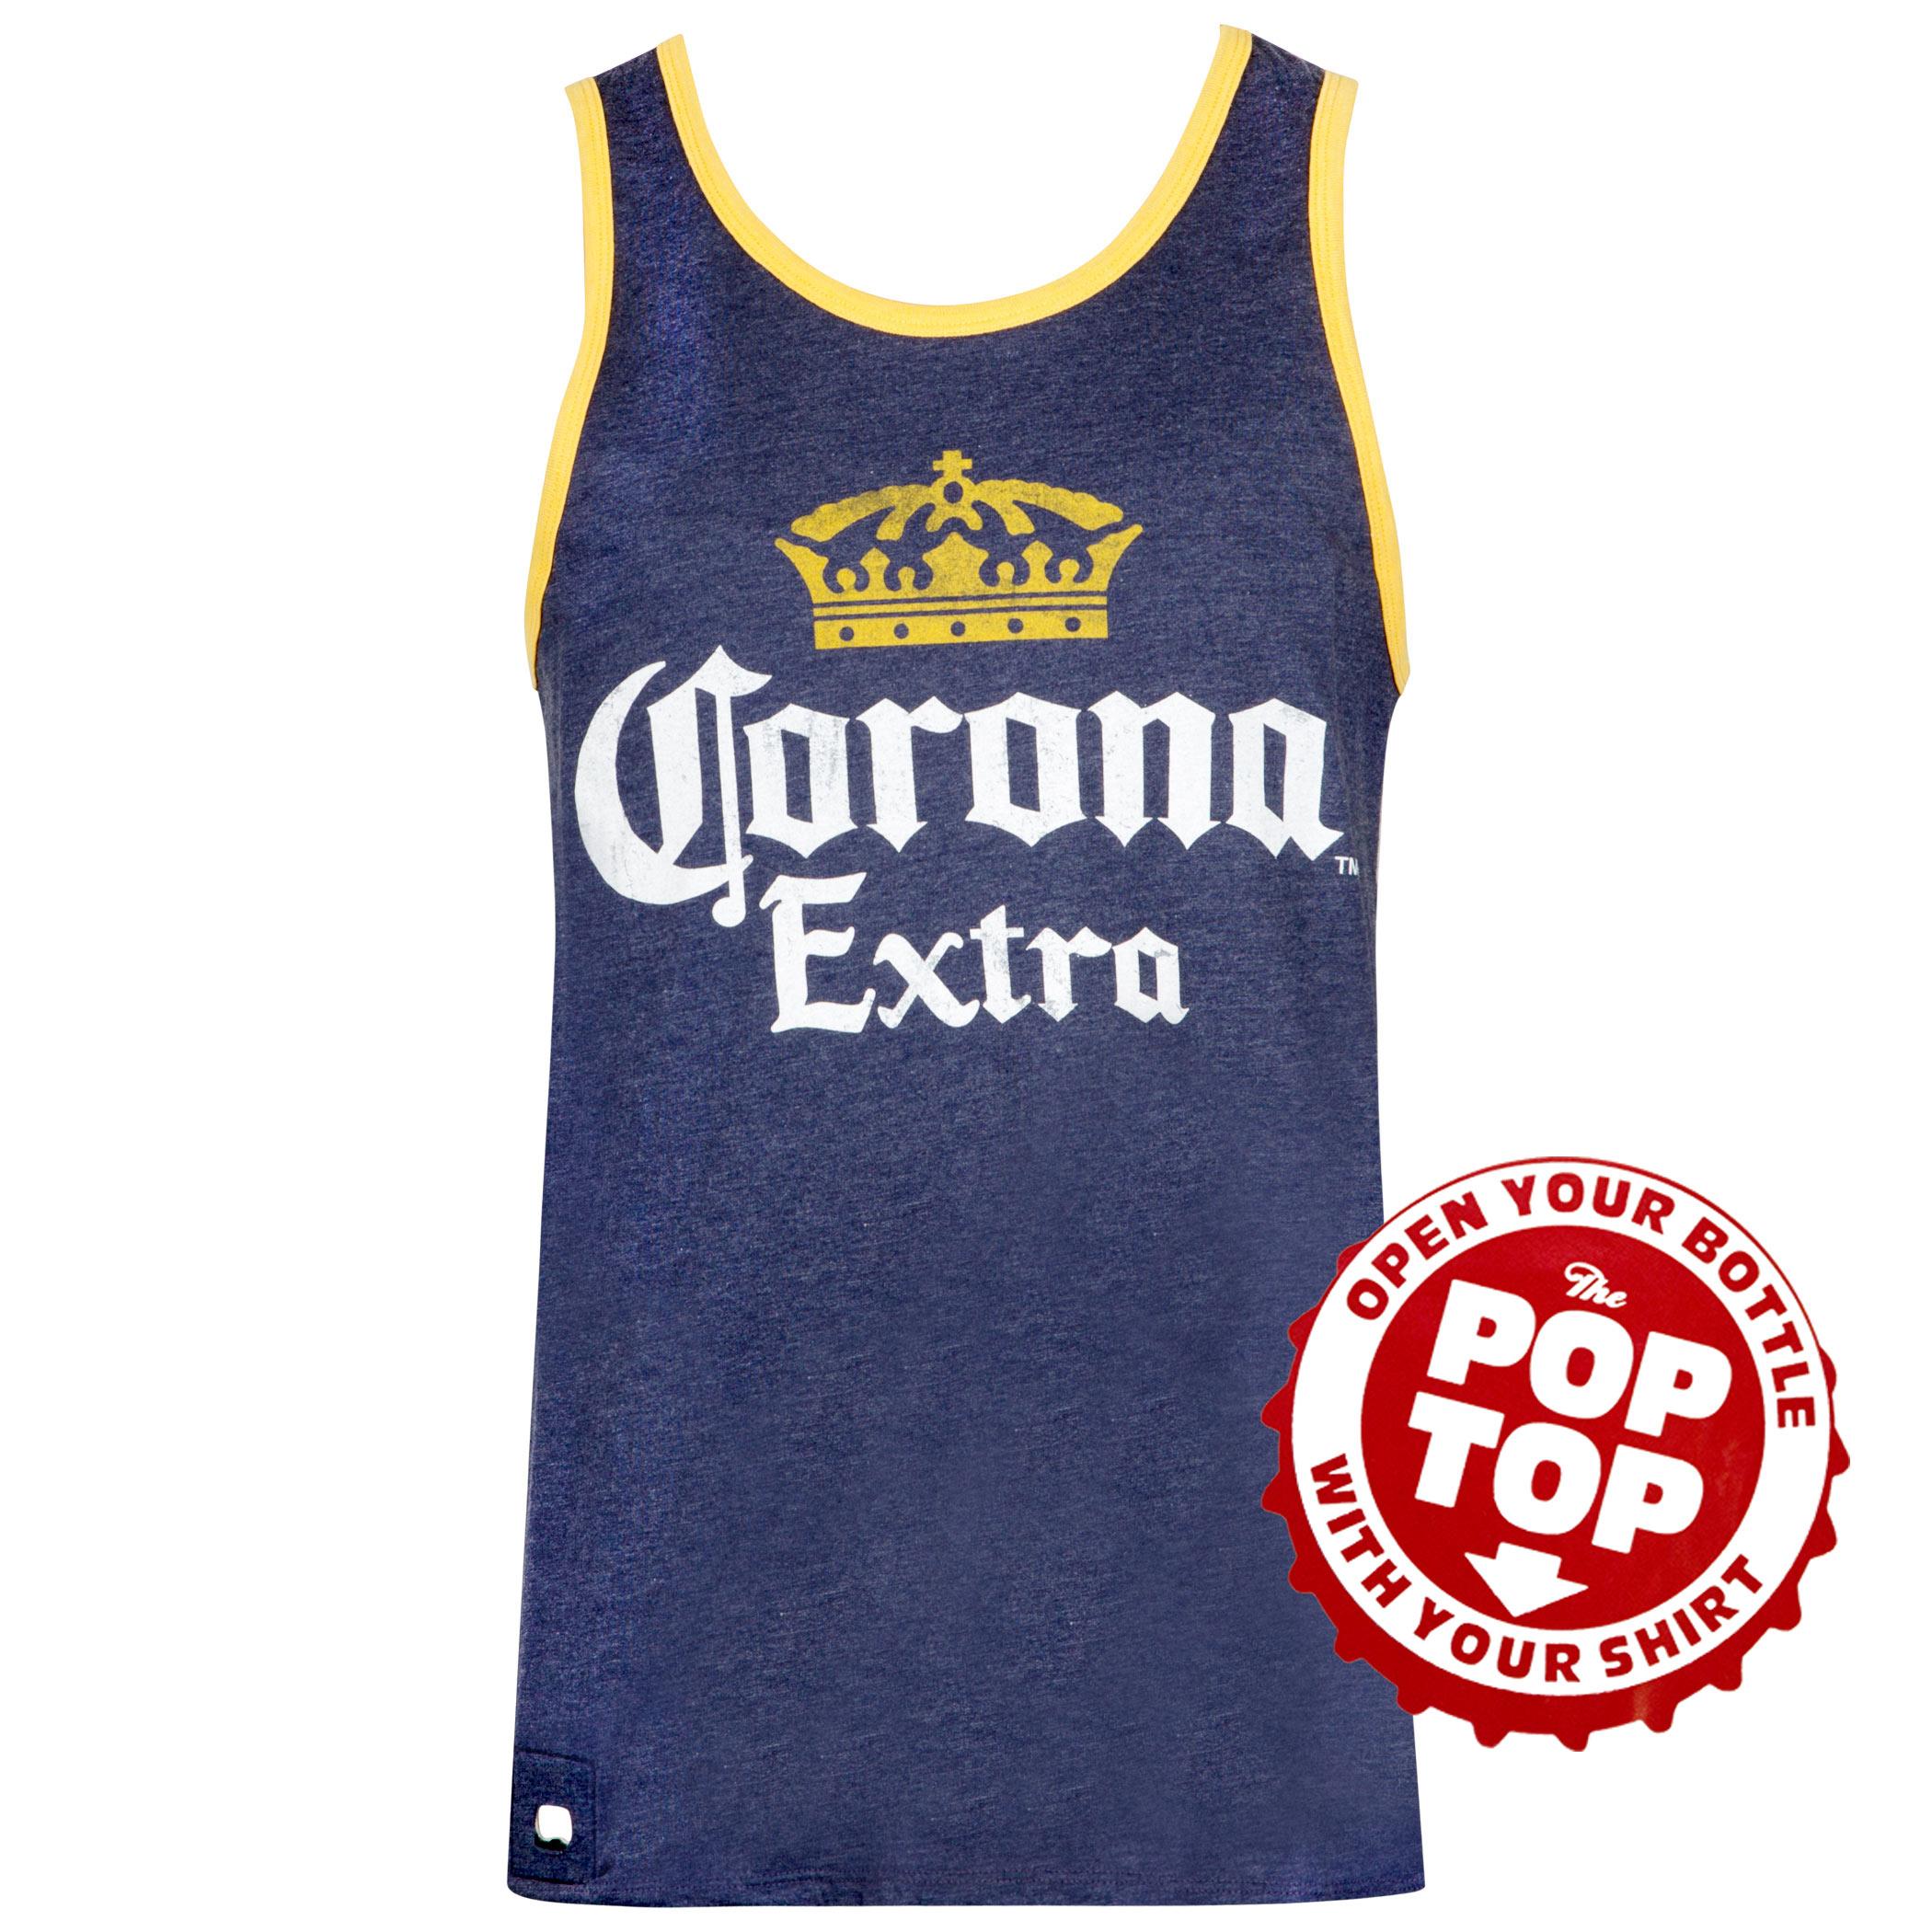 Corona Extra Dark Blue Pop Top Bottle Opener Tank Top